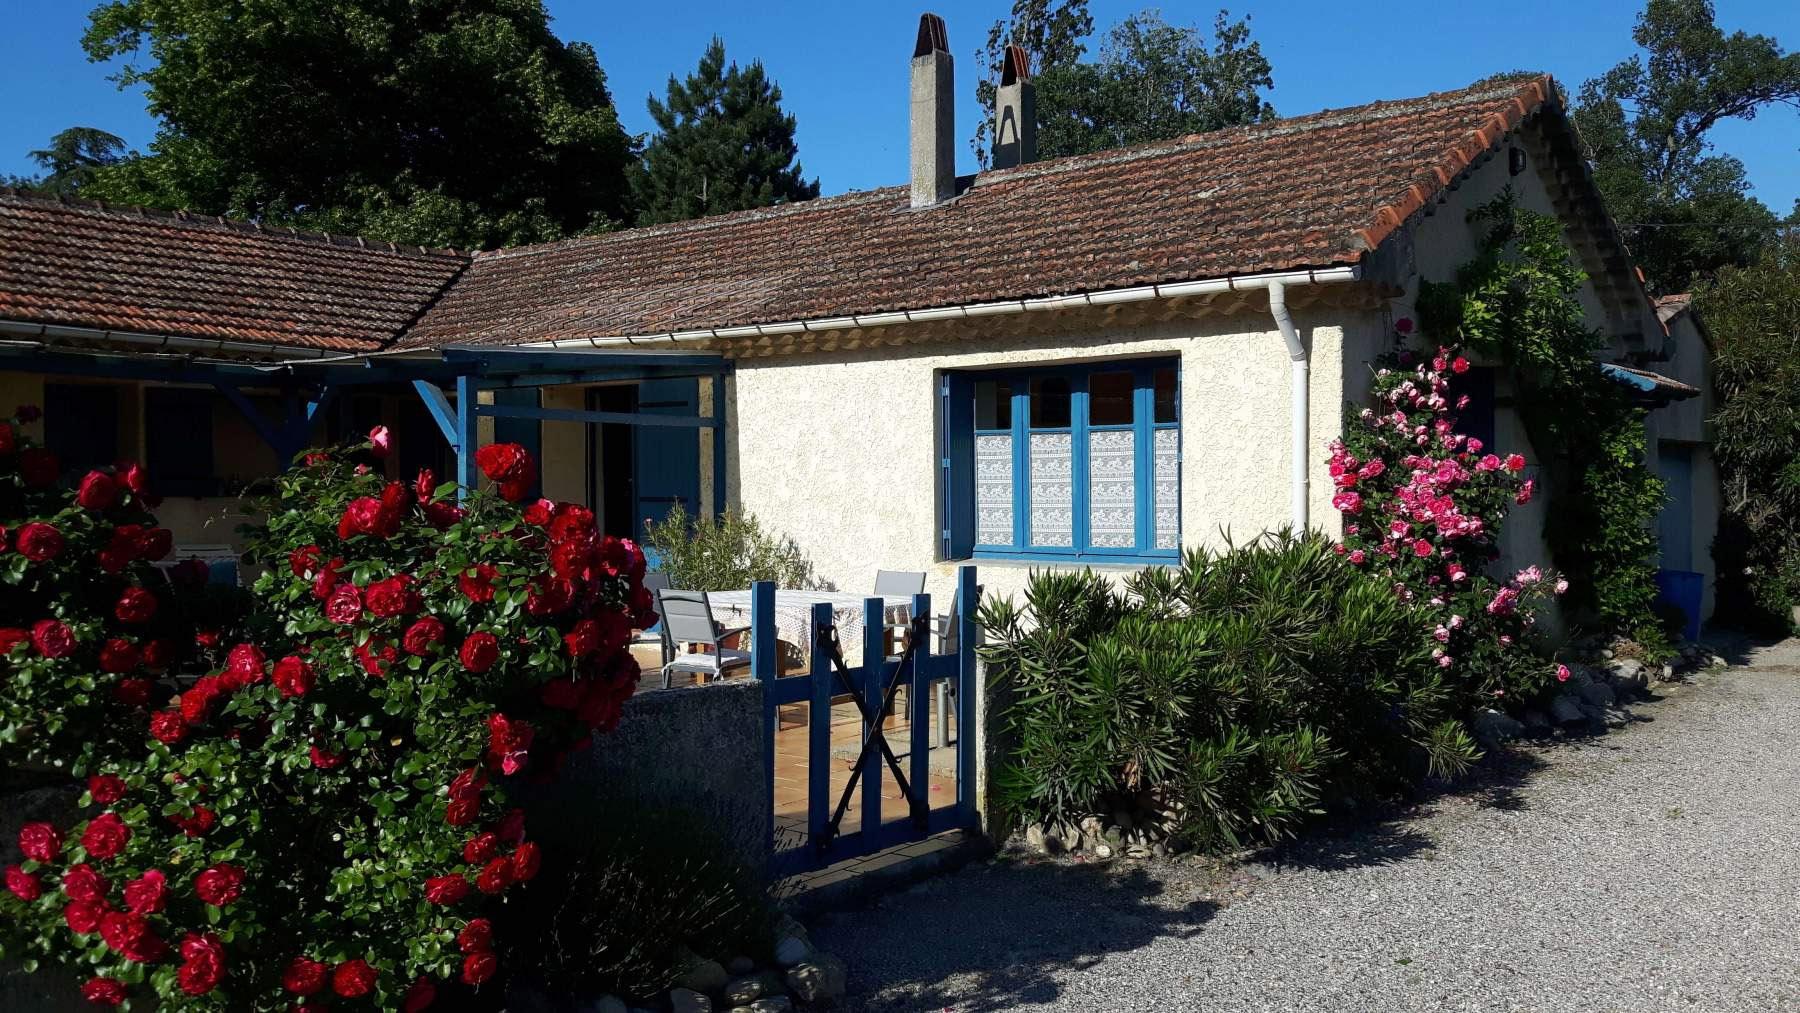 20180517_Sicht auf Terrasse & Haus 1800x1013px